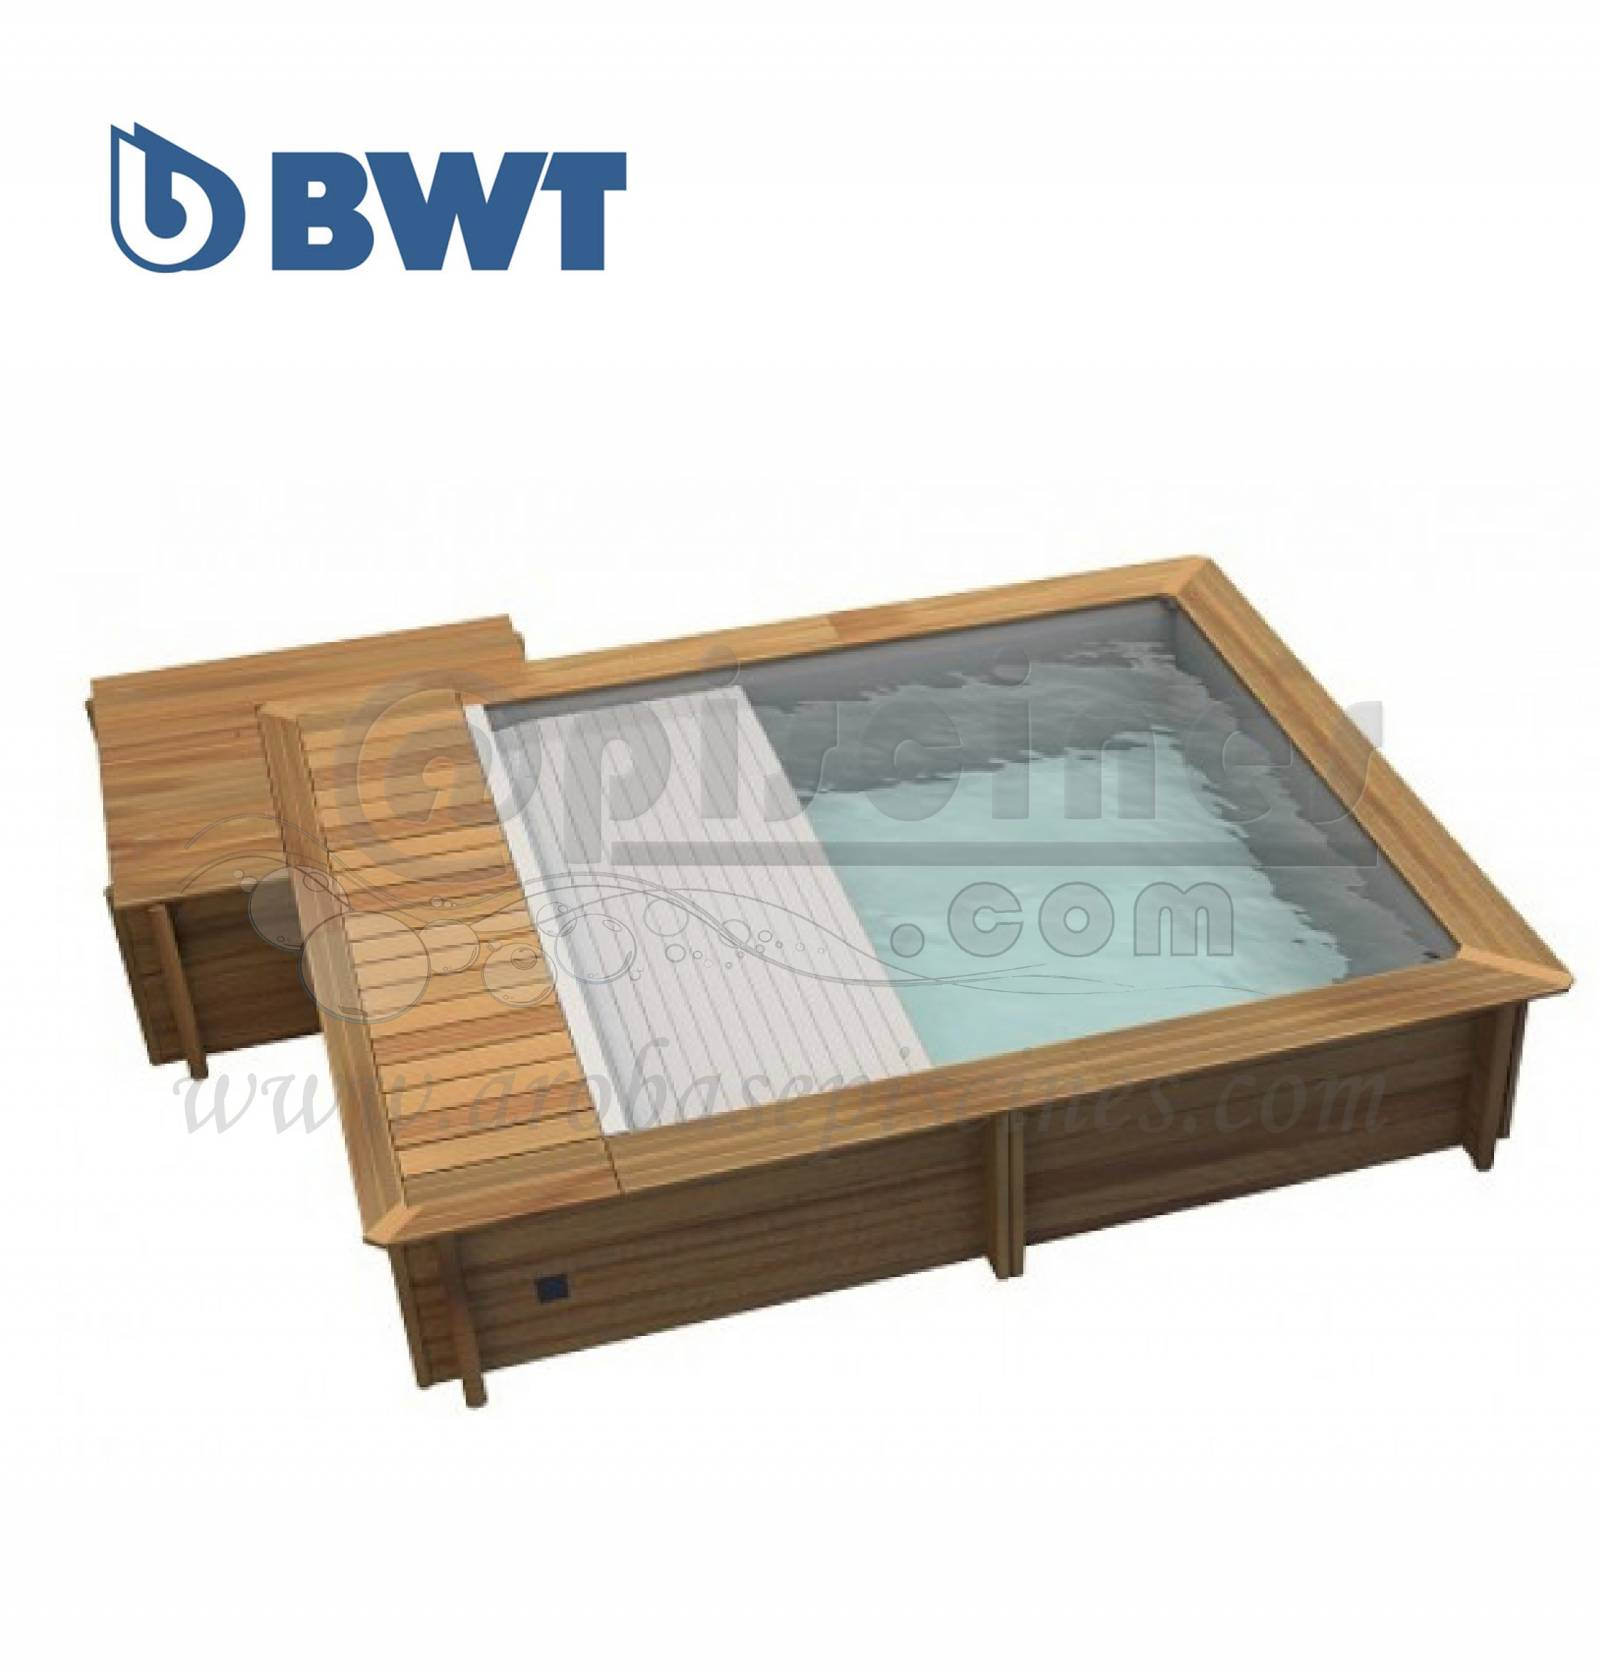 Voir Piscine Hors Sol piscine hors sol bois urbaine carrÉ moins de 10m2 piscine en